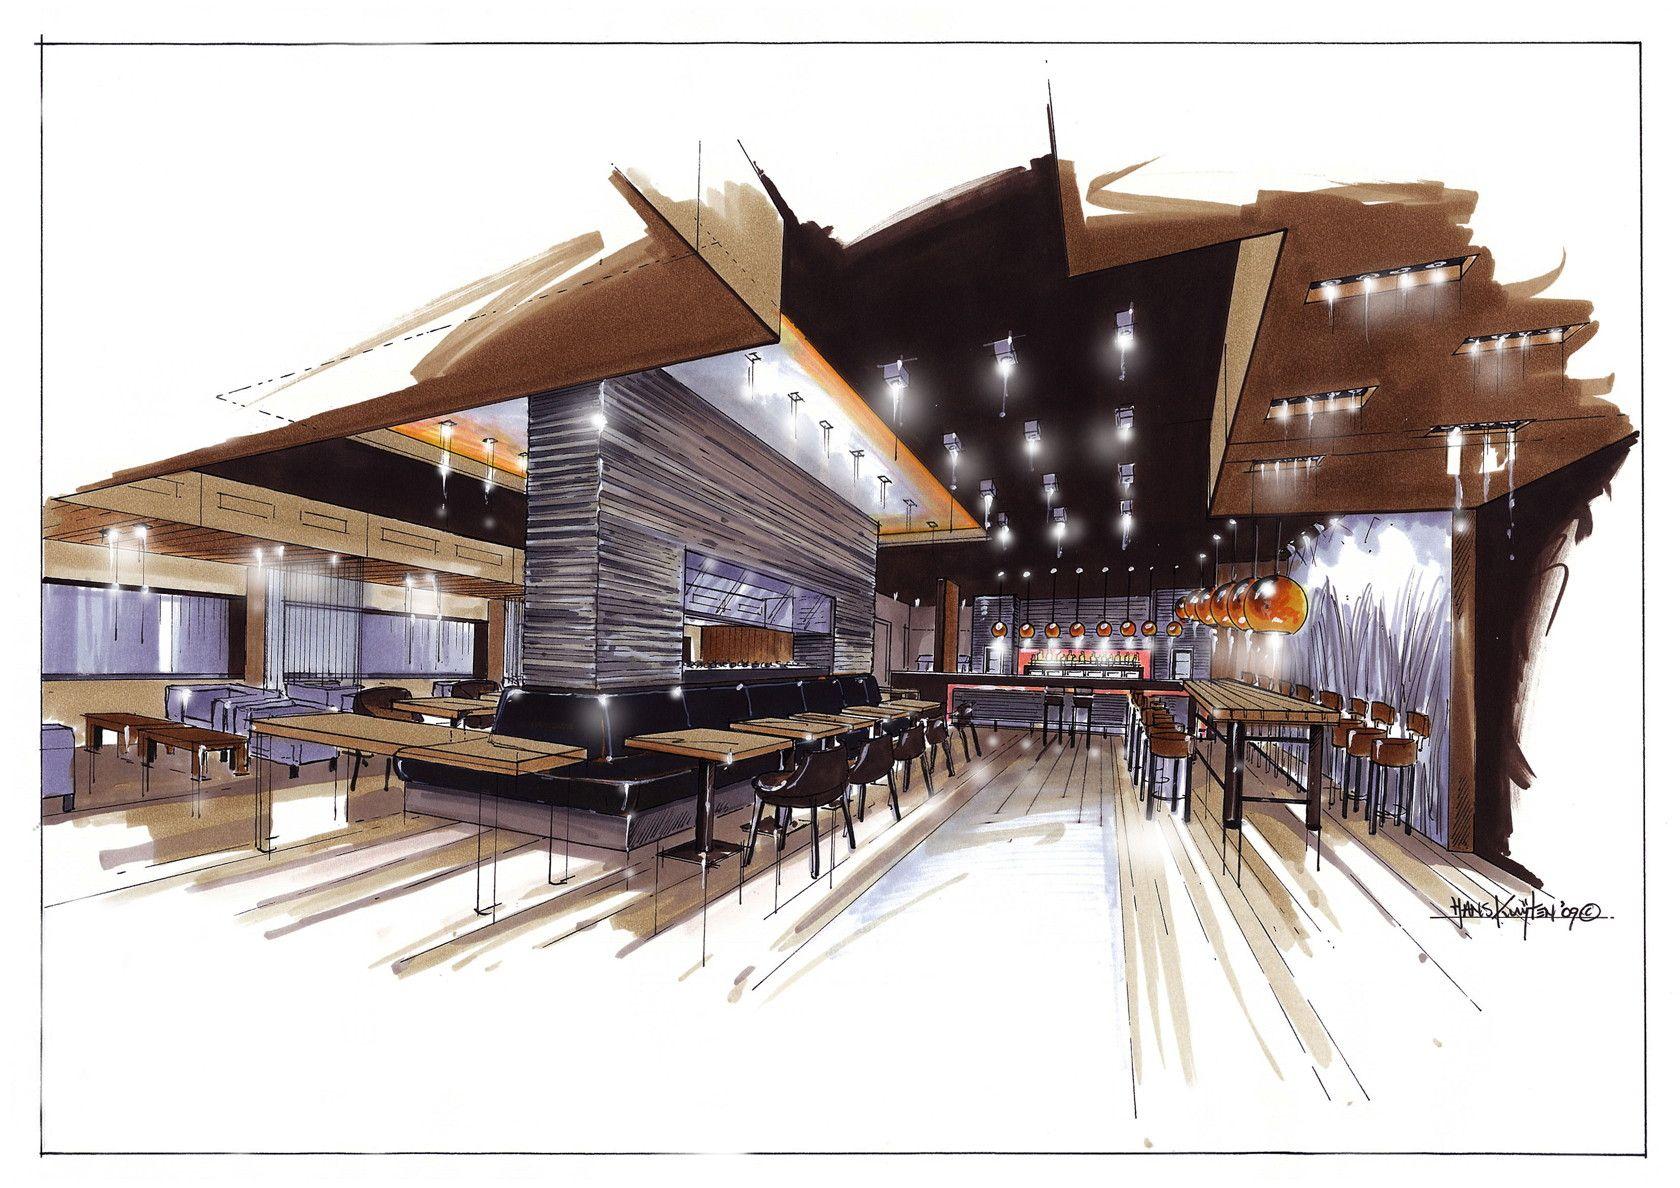 Hans kuijten projecten sketches architektur for Studium interior design